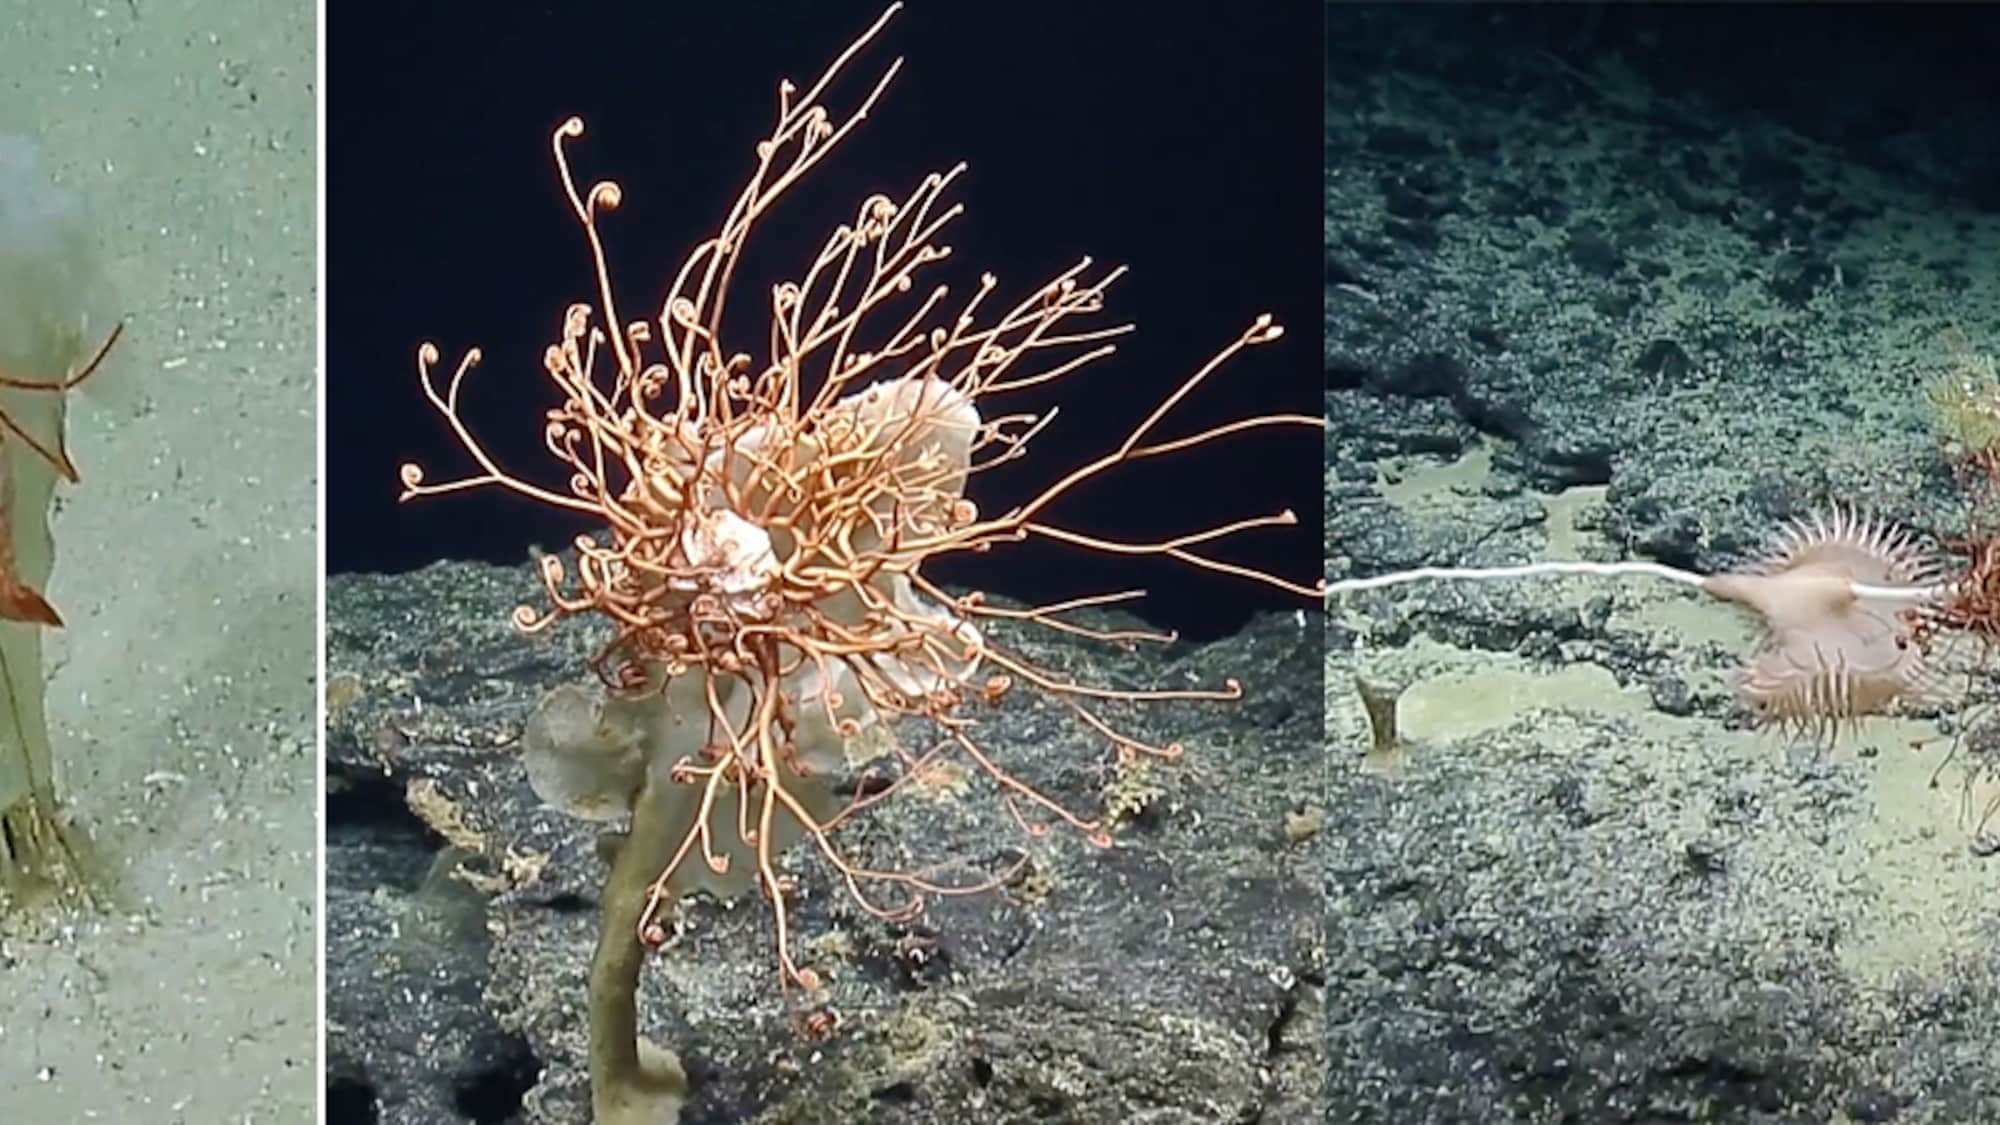 Forscher in Samoa verblüfft: Unterwasser-Steilwand birgt Dutzende bizarre Meeresbewohner